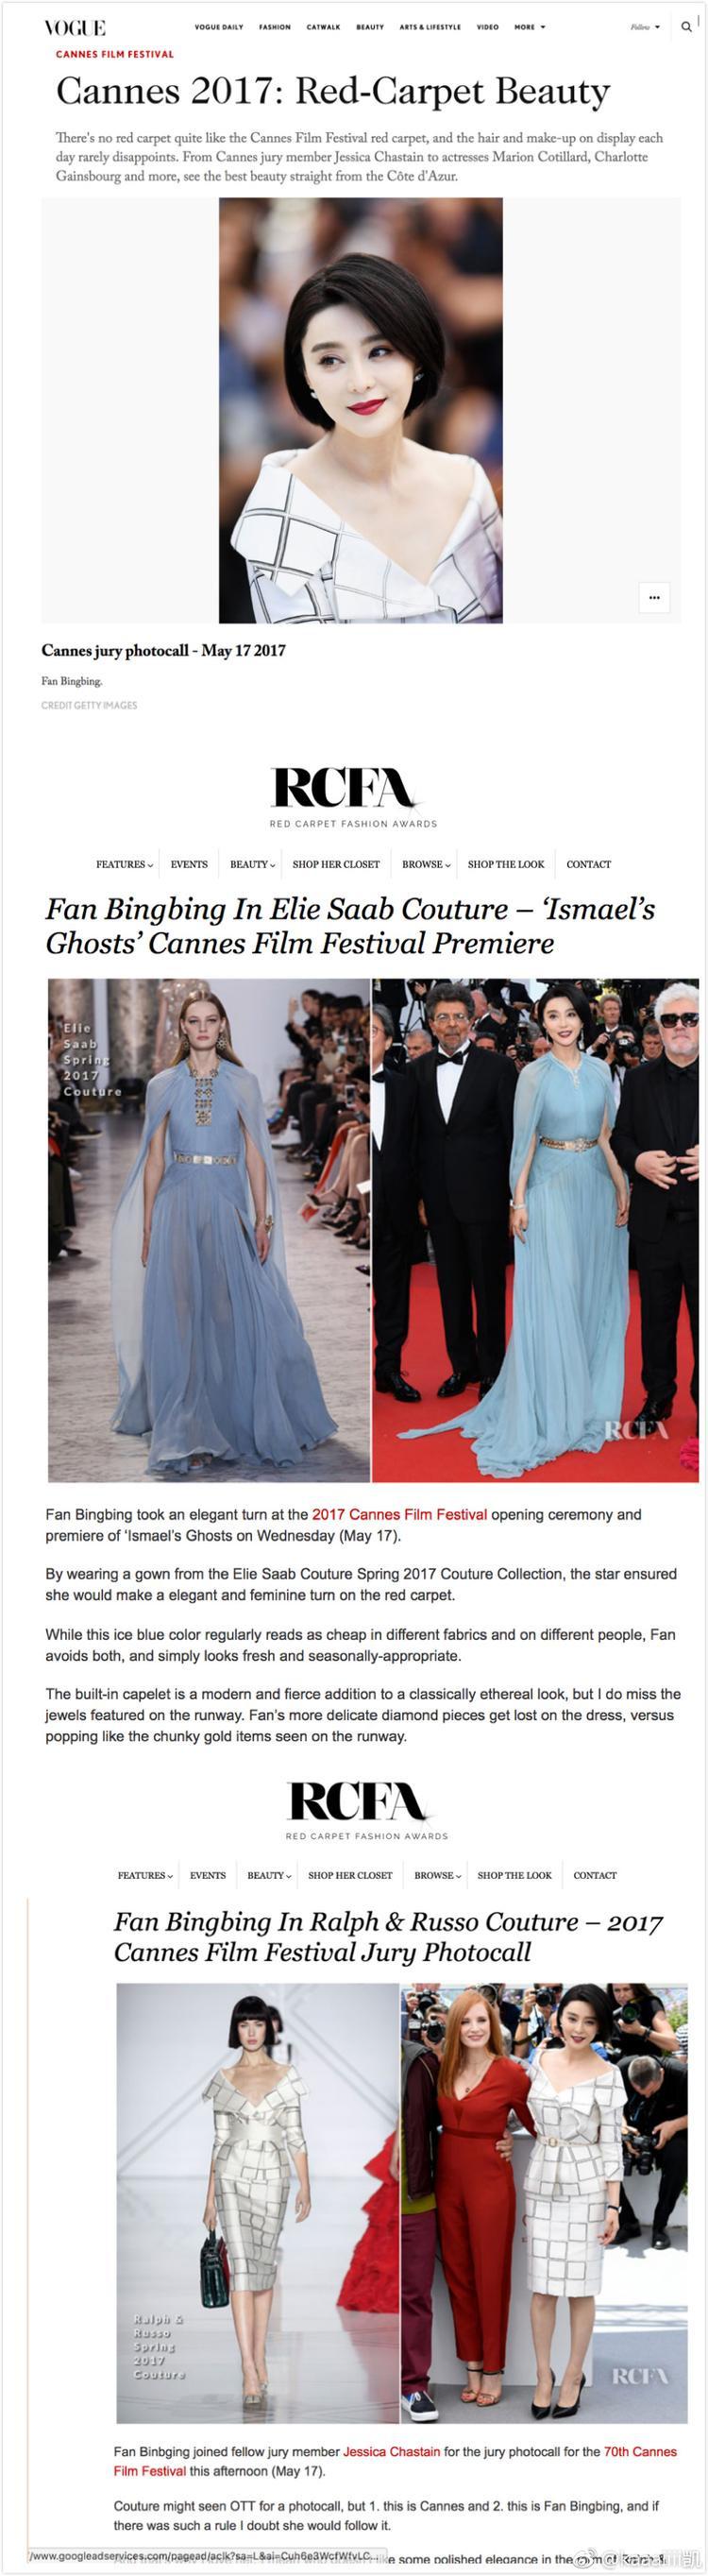 Trang Red Carpet Fashion Awardđã không hết lời khen ngợi Phạm gia trong thiết kếxanh củaElli Saab, màu sắc thích hợp cho thời tiết tháng 5 ở Pháp, giúp cô trông tươi trẻ và tạo cảm giác dễ chịu cho người xem.